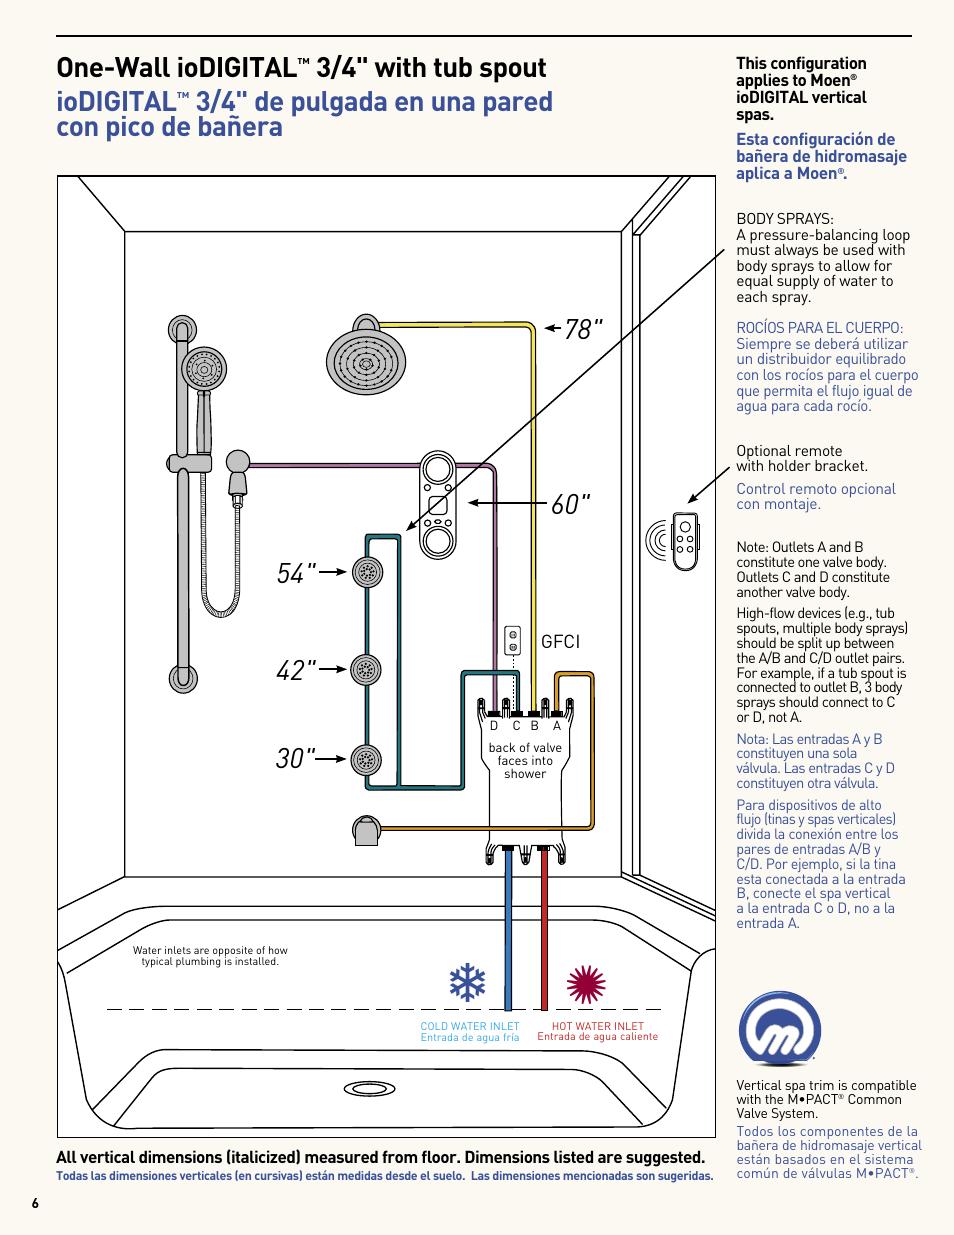 One Wall Iodigital 34 With Tub Spout Iodigital 34 De Pulgada